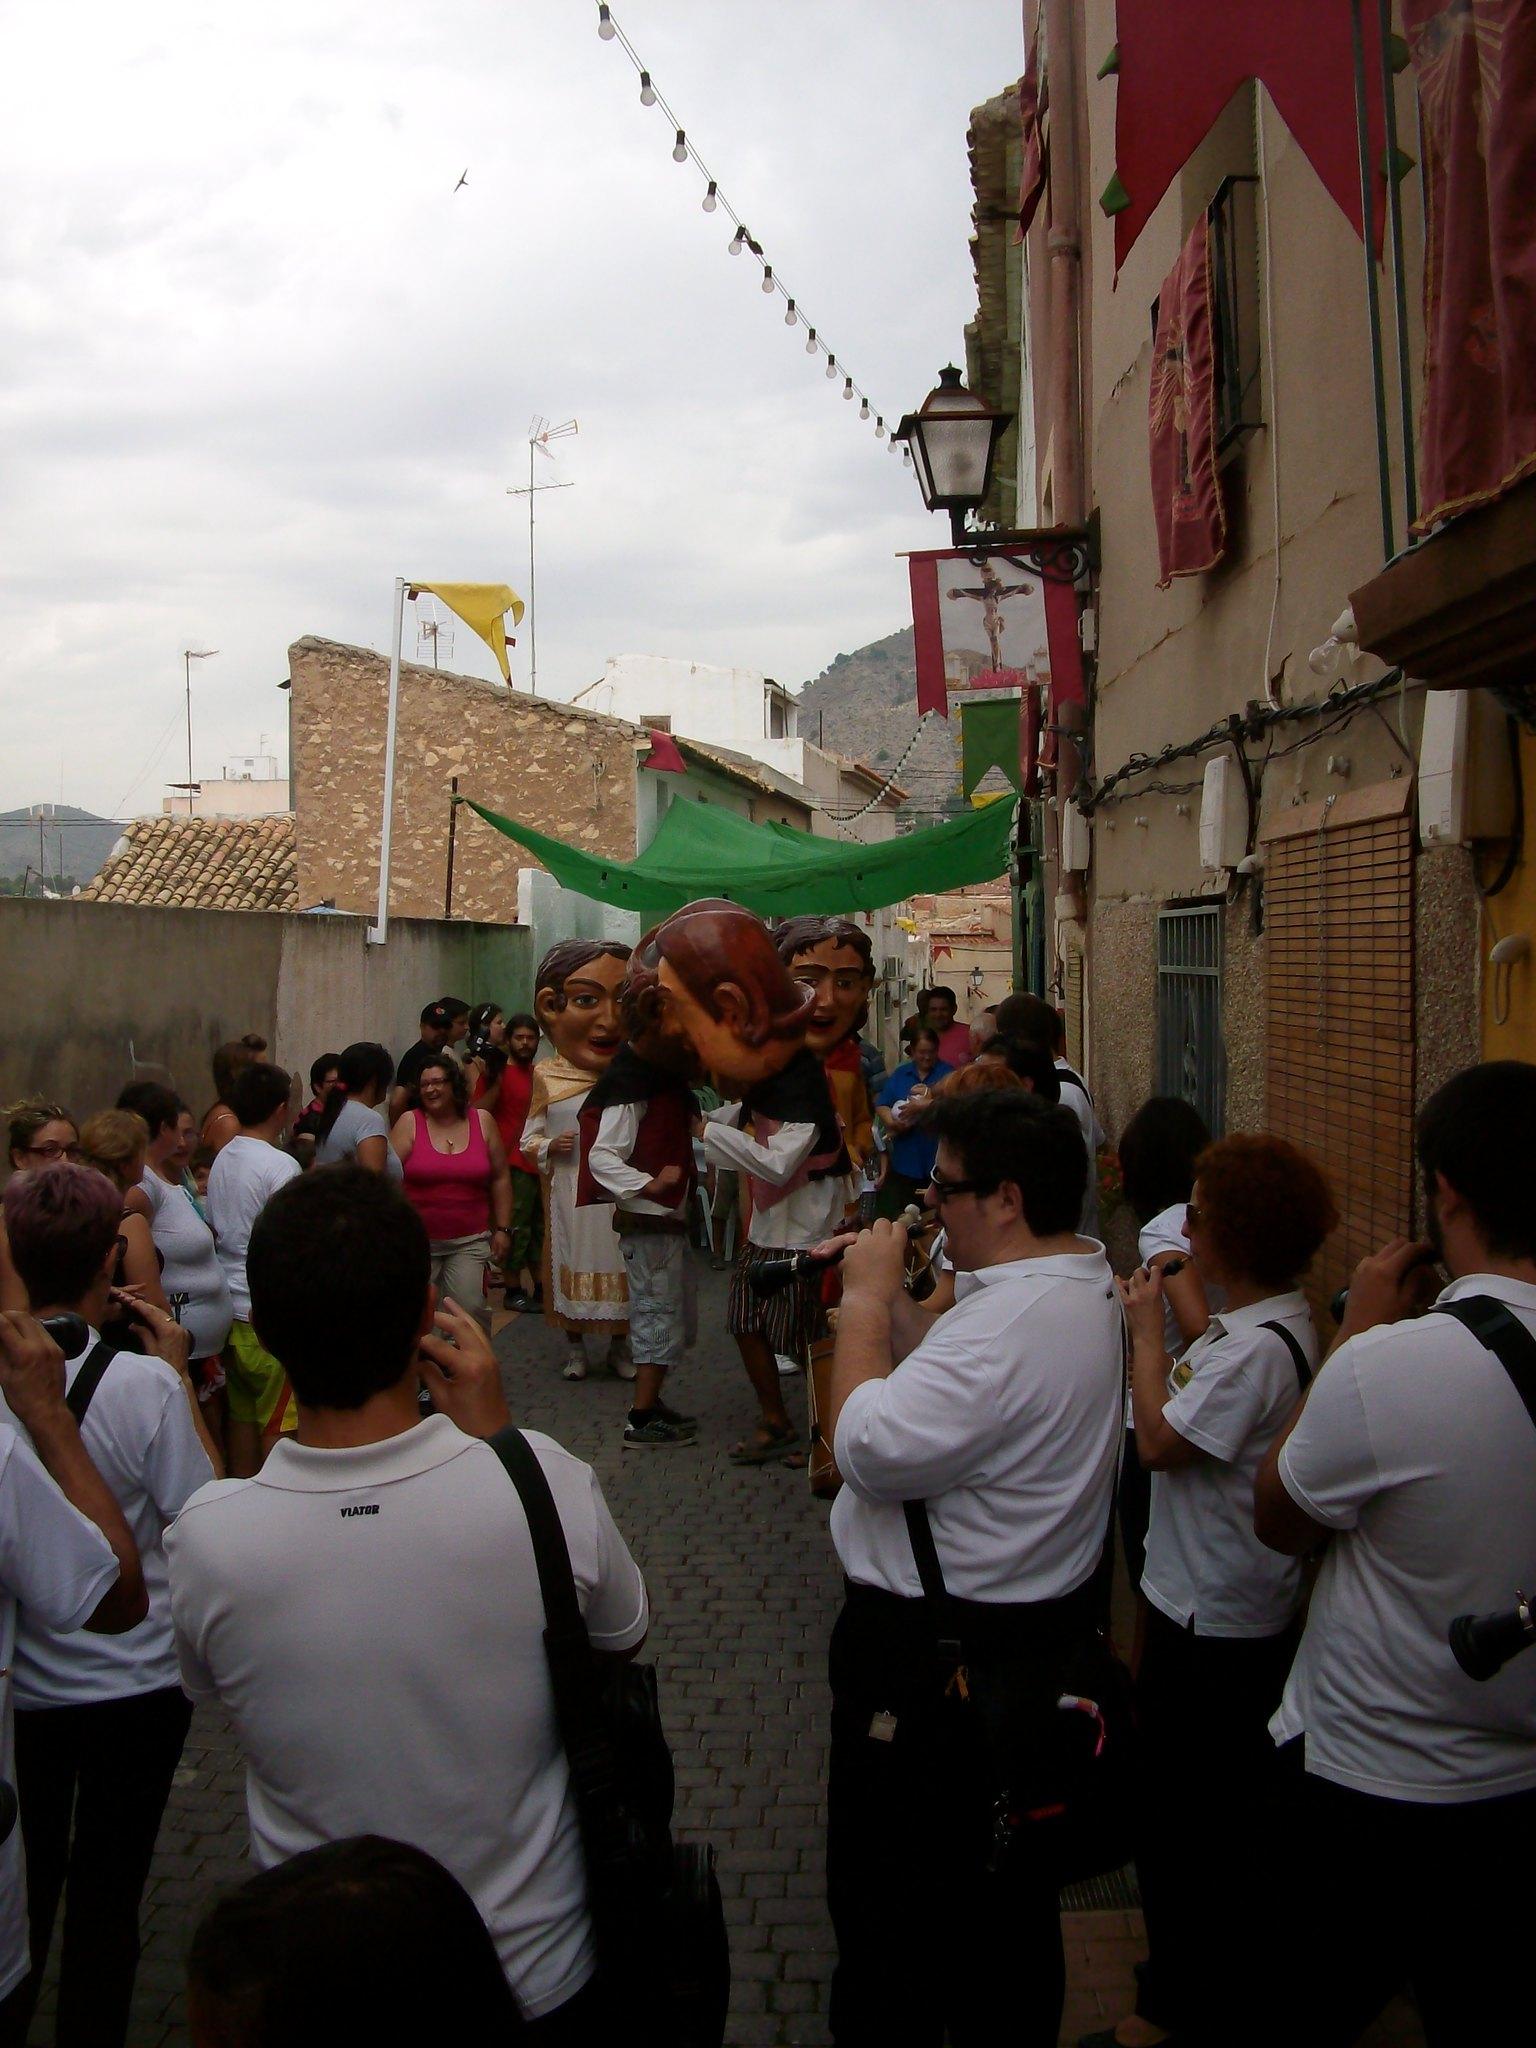 (2011-07-03) - Pasacalle Gent de Nanos -  José Vicente Romero Ripoll (39)